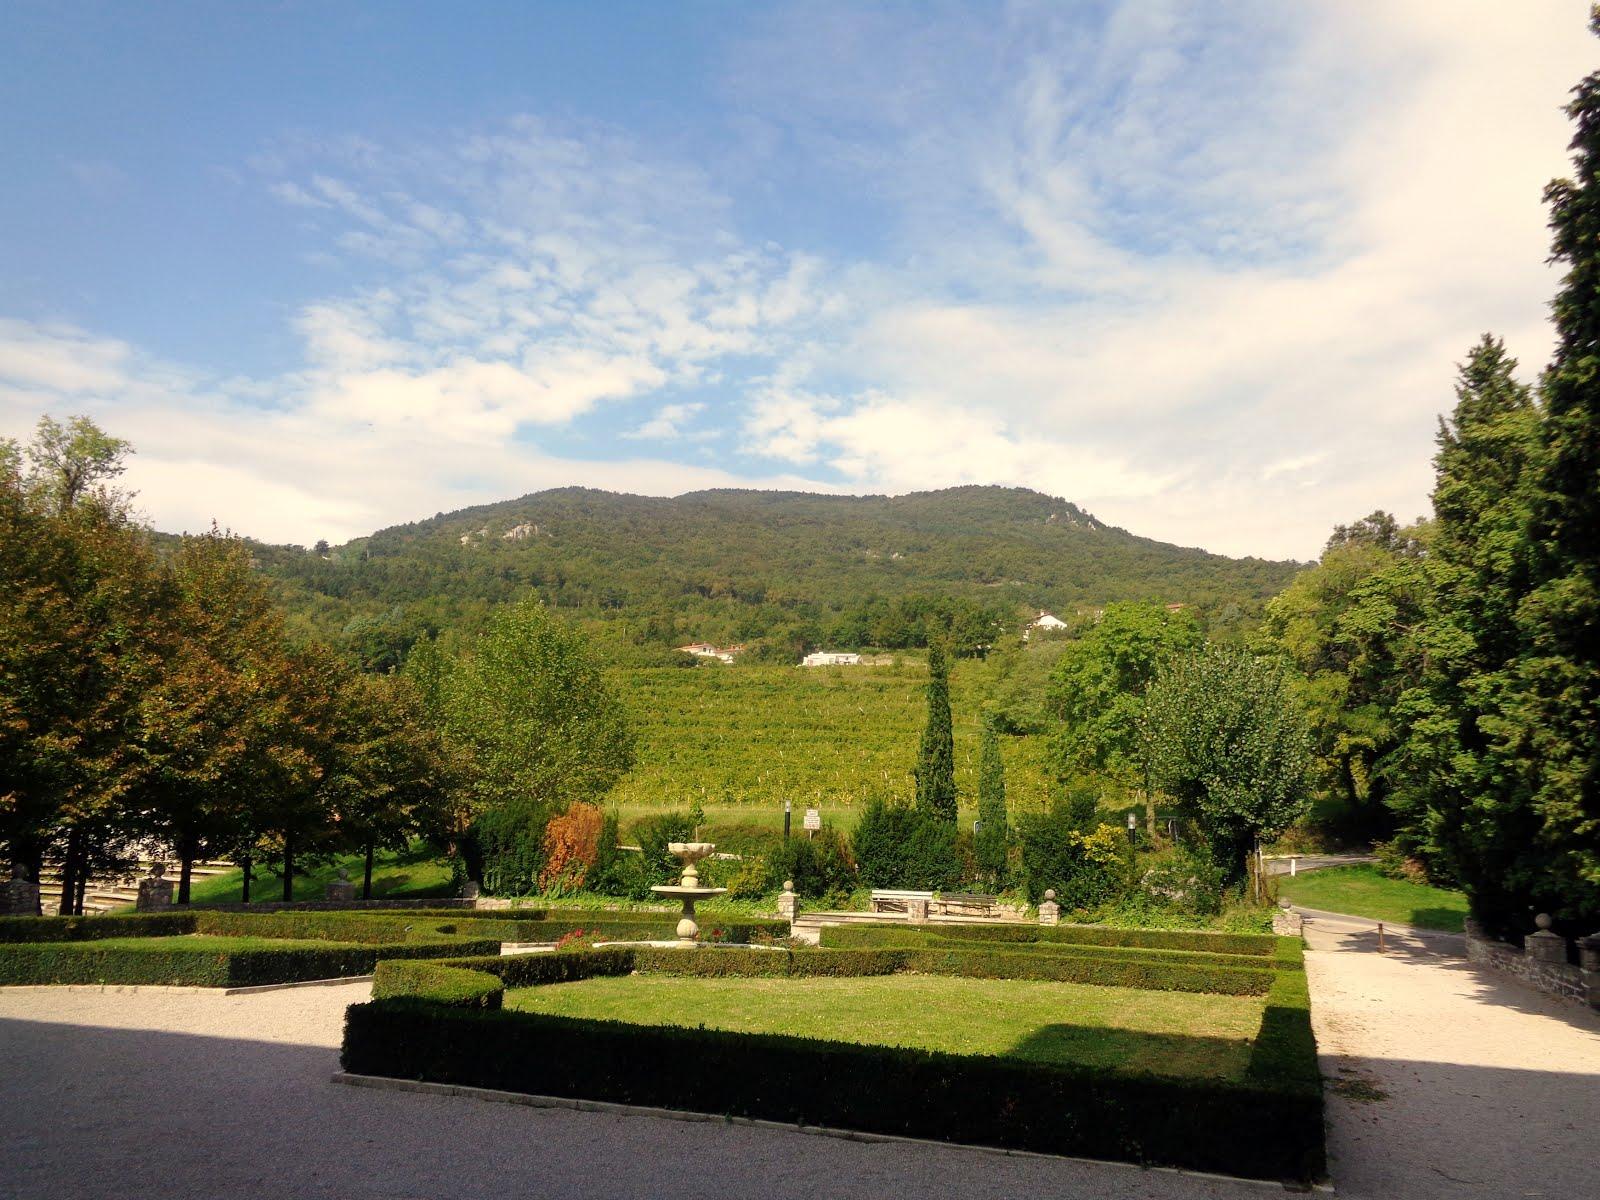 3 aprile 2016 - Centenario della Grande Guerra - 2.a tappa: andando da Merna al monte San Gabriele